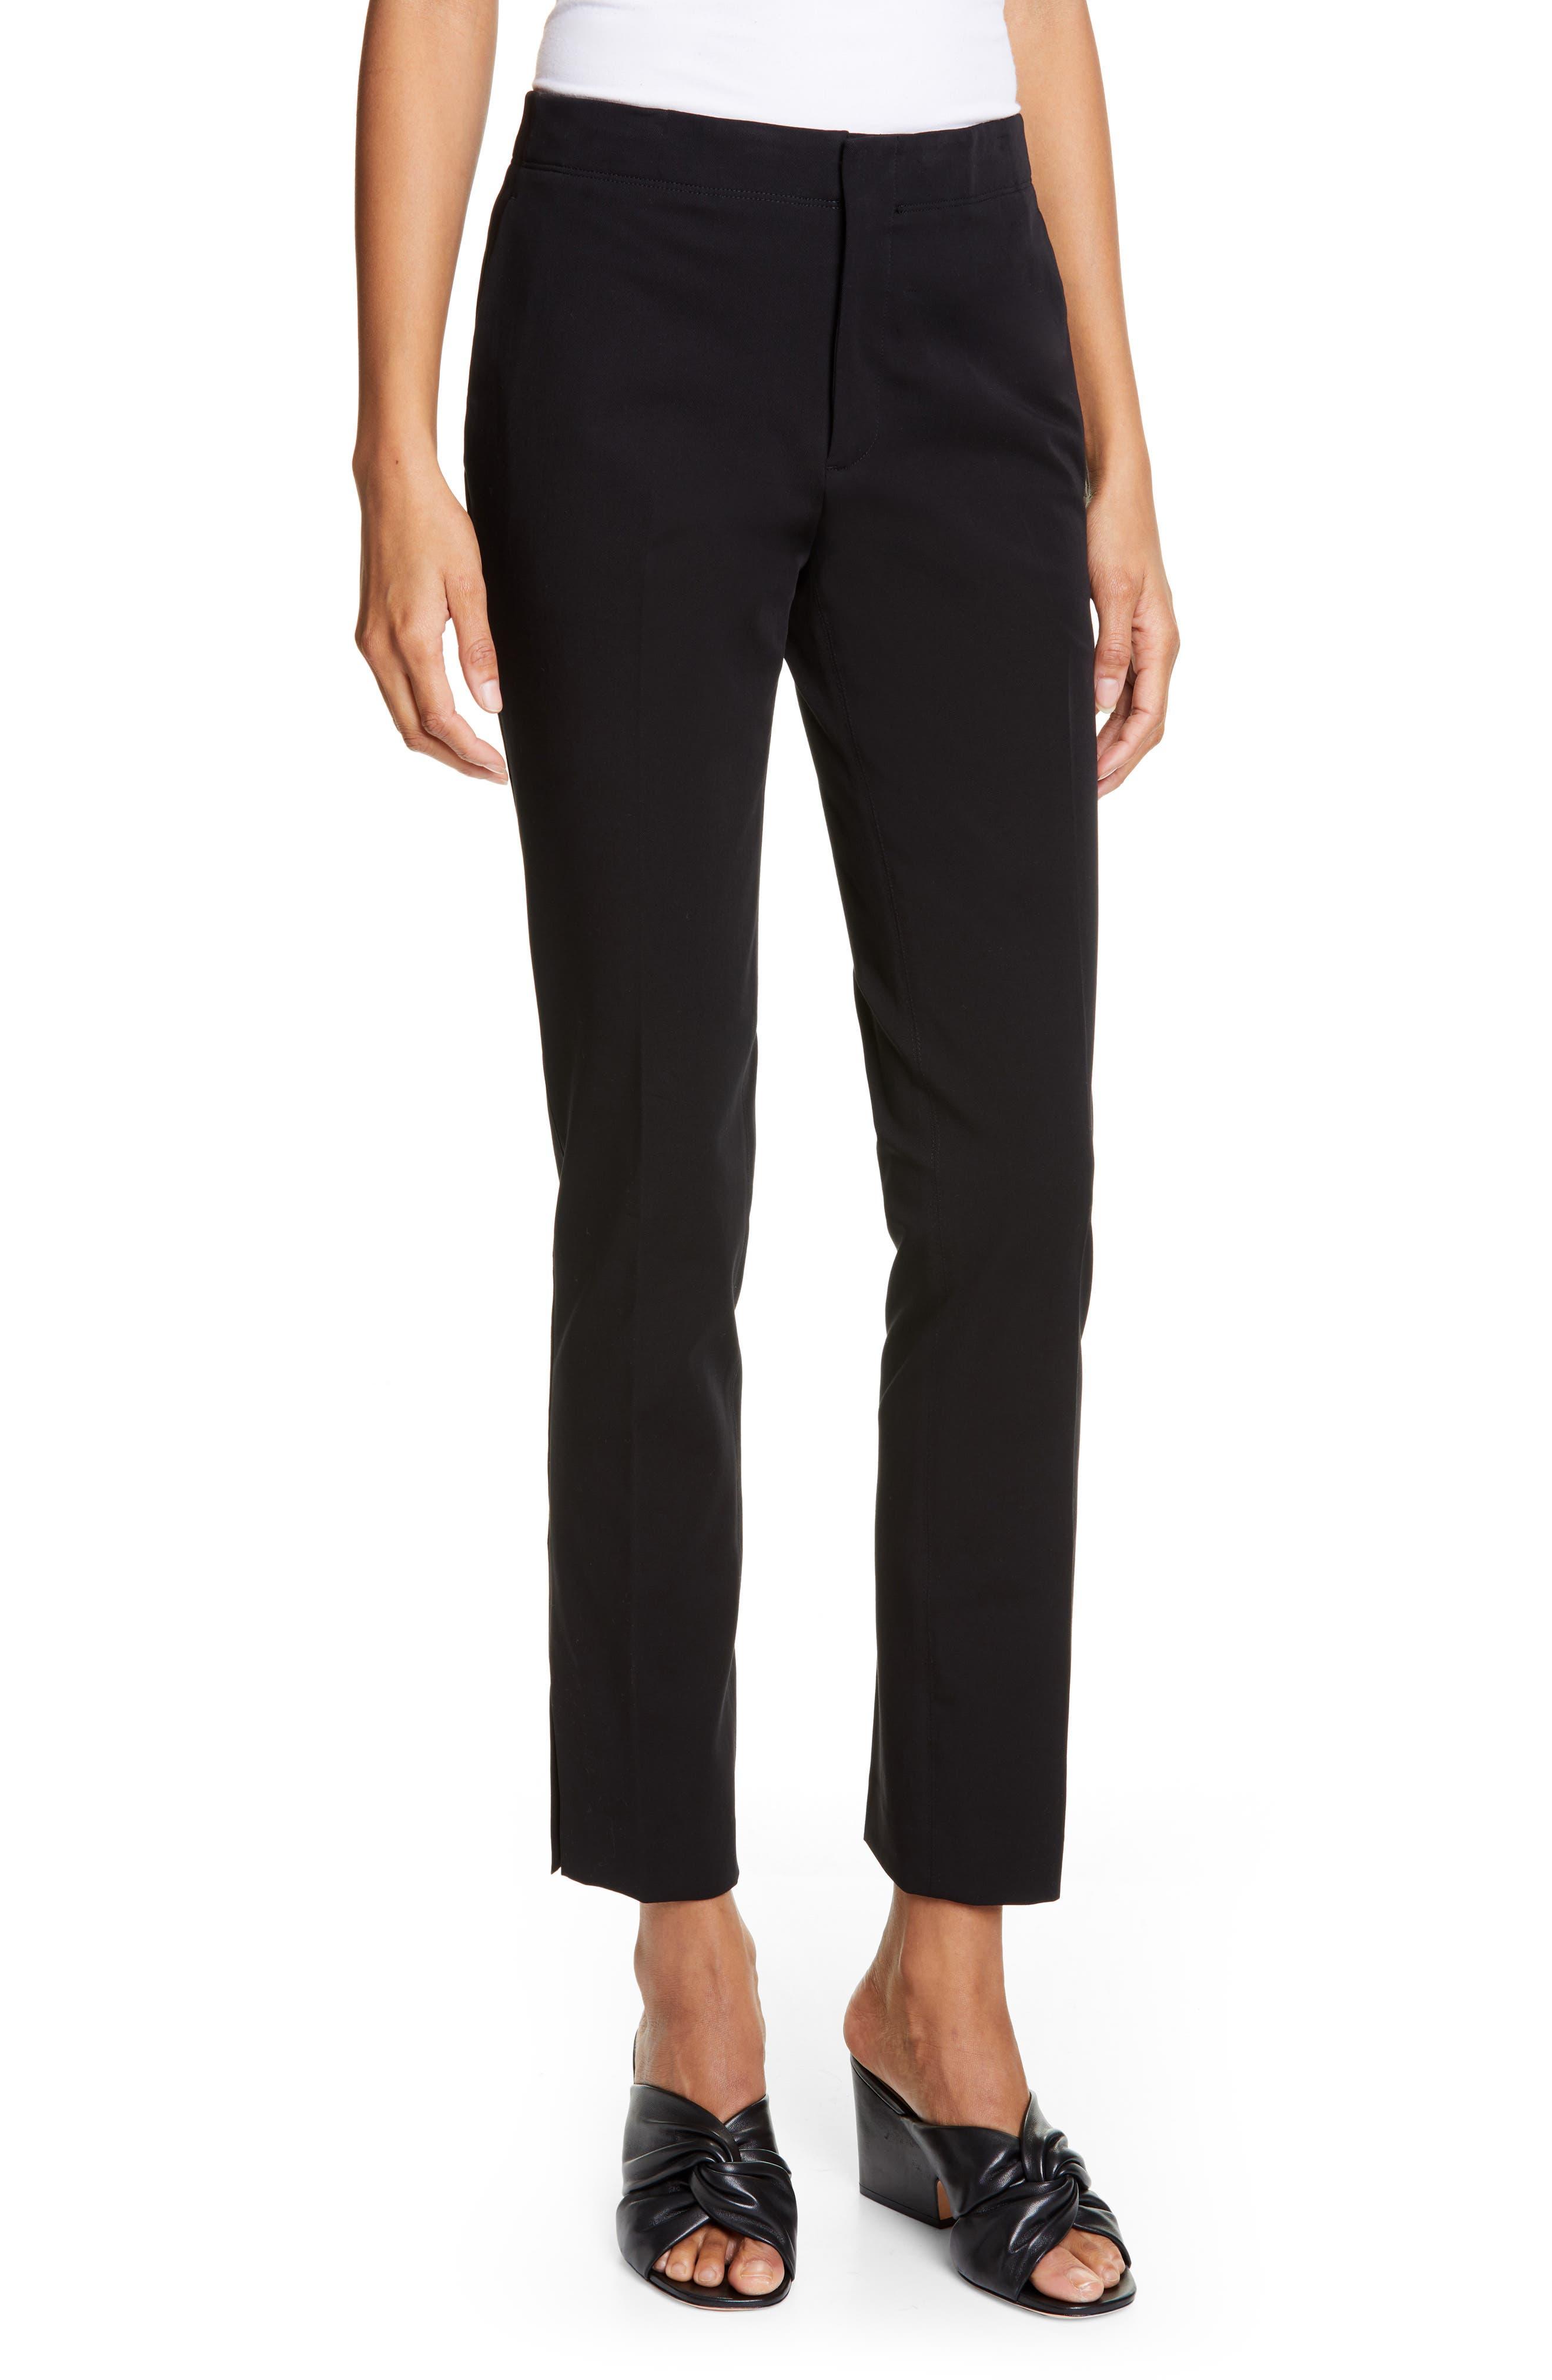 HELMUT LANG Stretch Cotton Slim Trousers, Main, color, BLACK